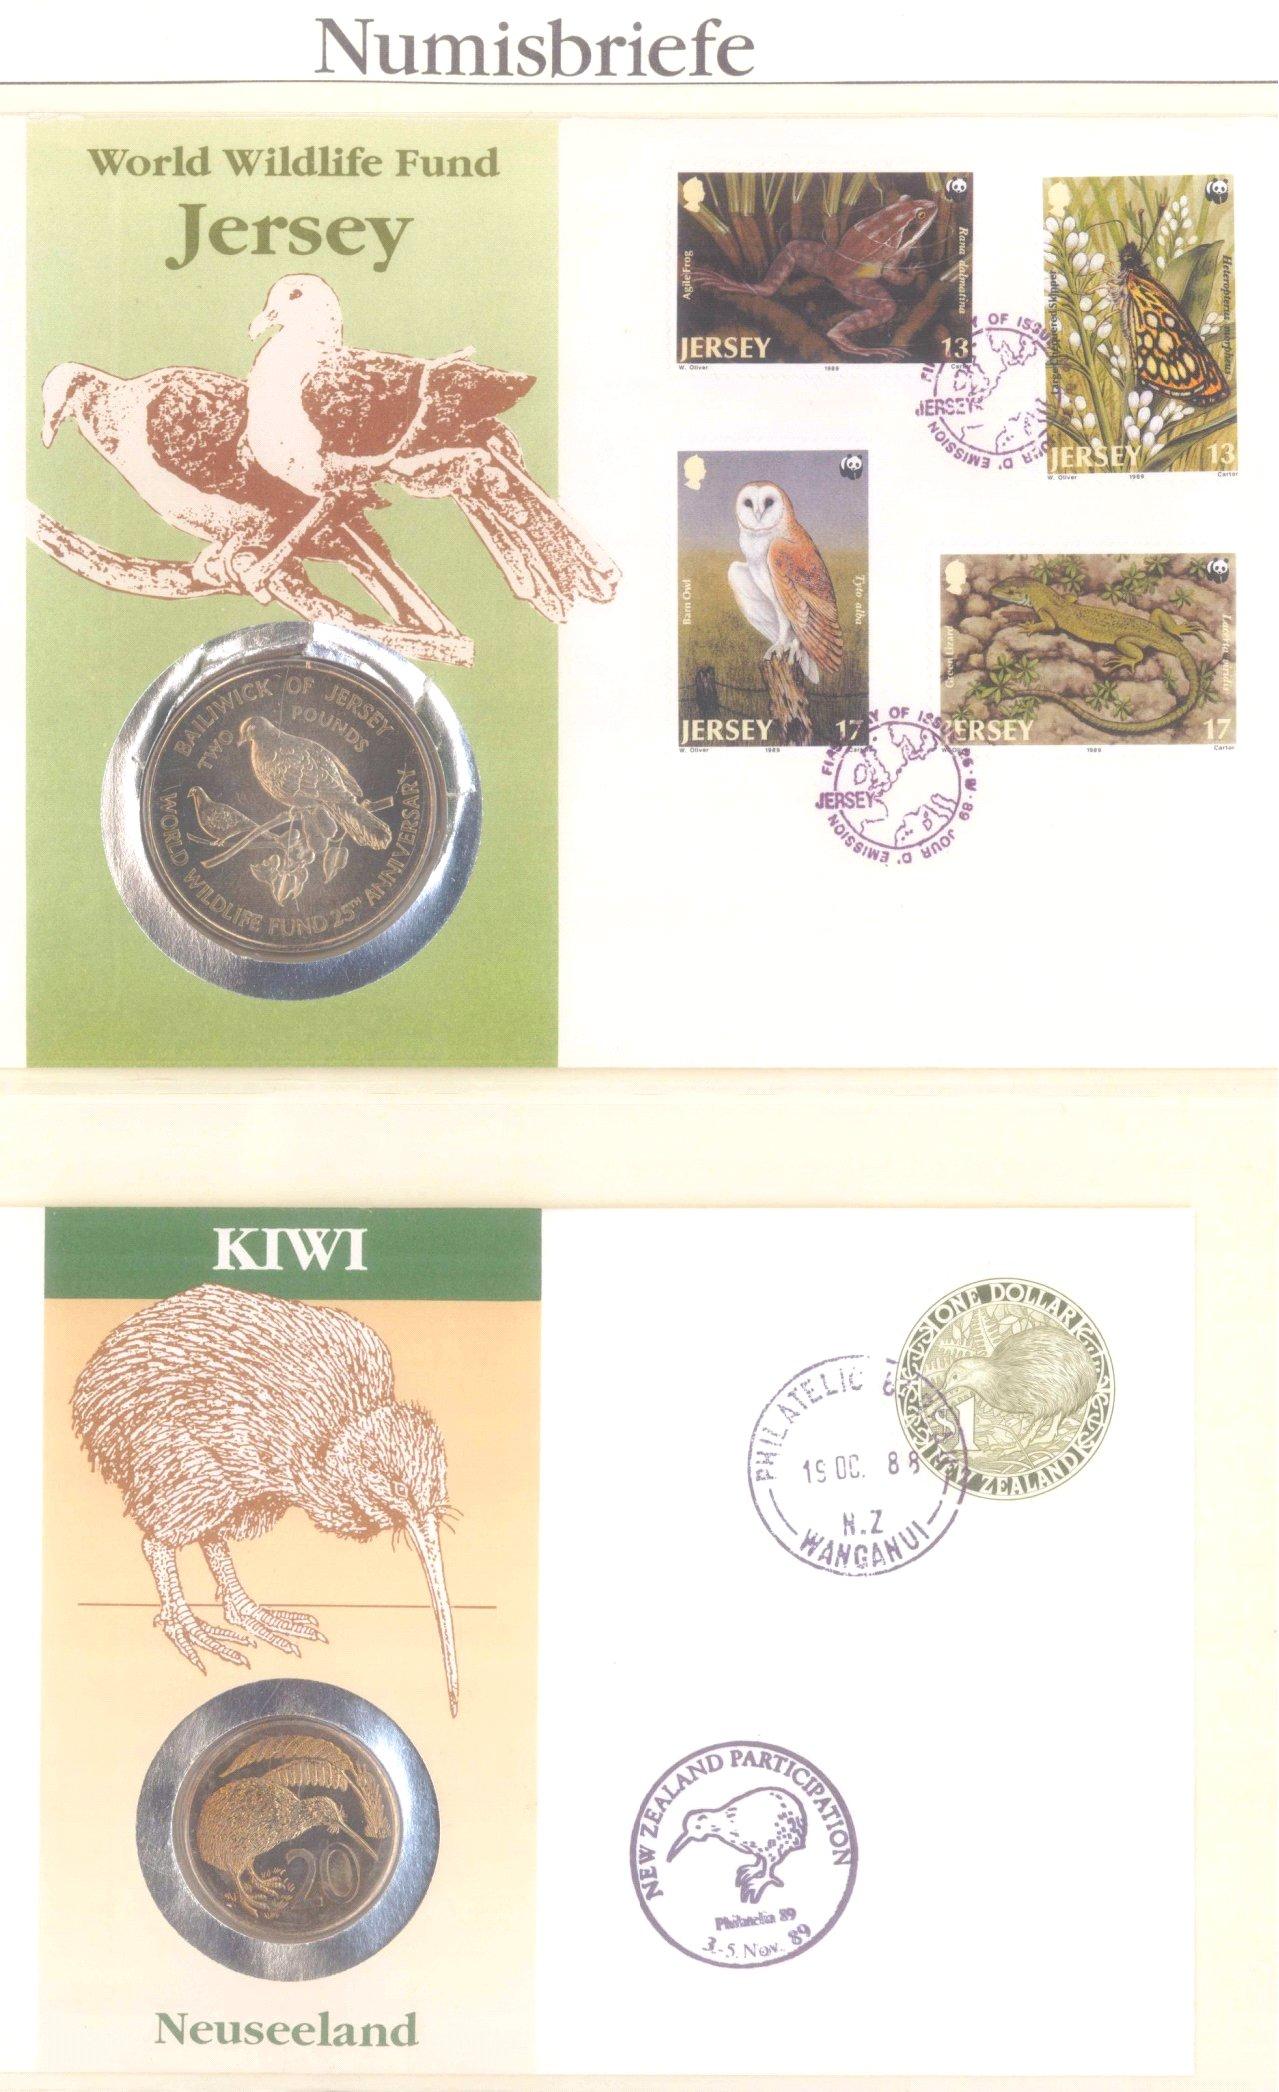 Sammlung Numisbriefe-19